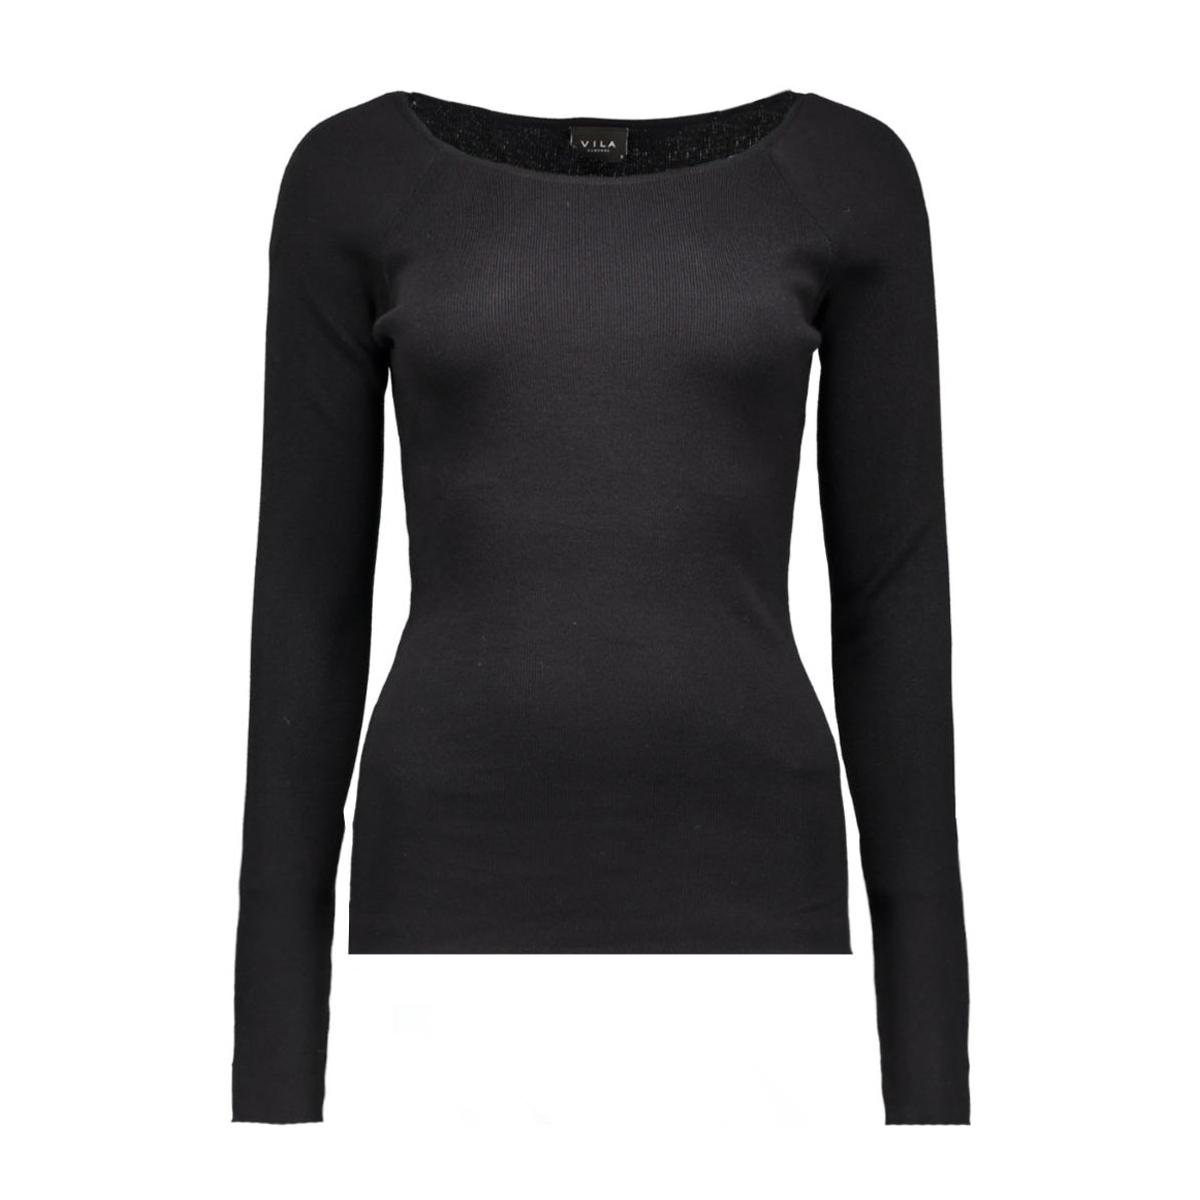 vihelena l/s knit top 14036775 vila trui black